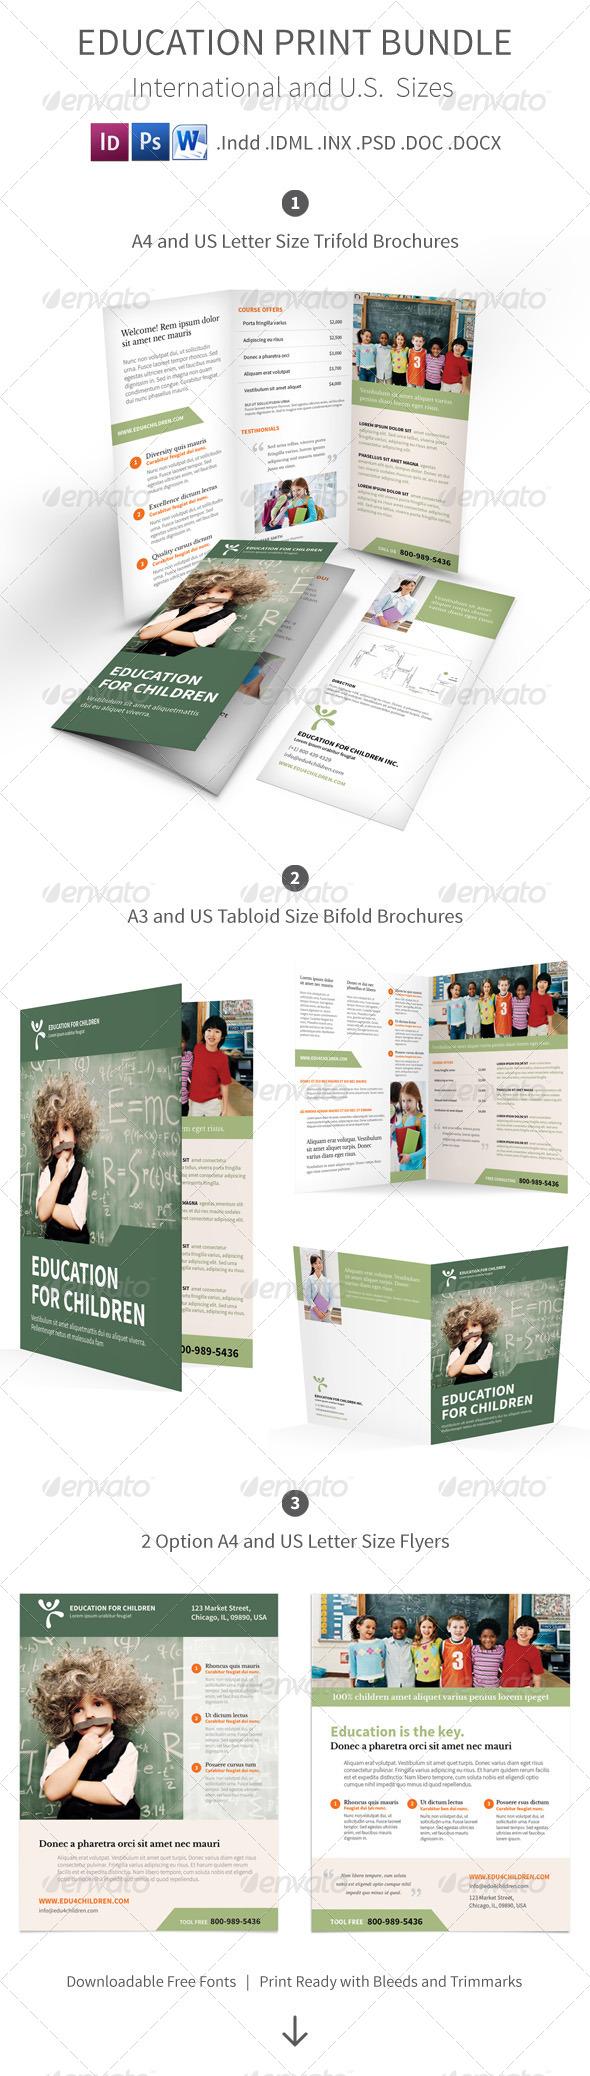 GraphicRiver Education Print Bundle 7869774